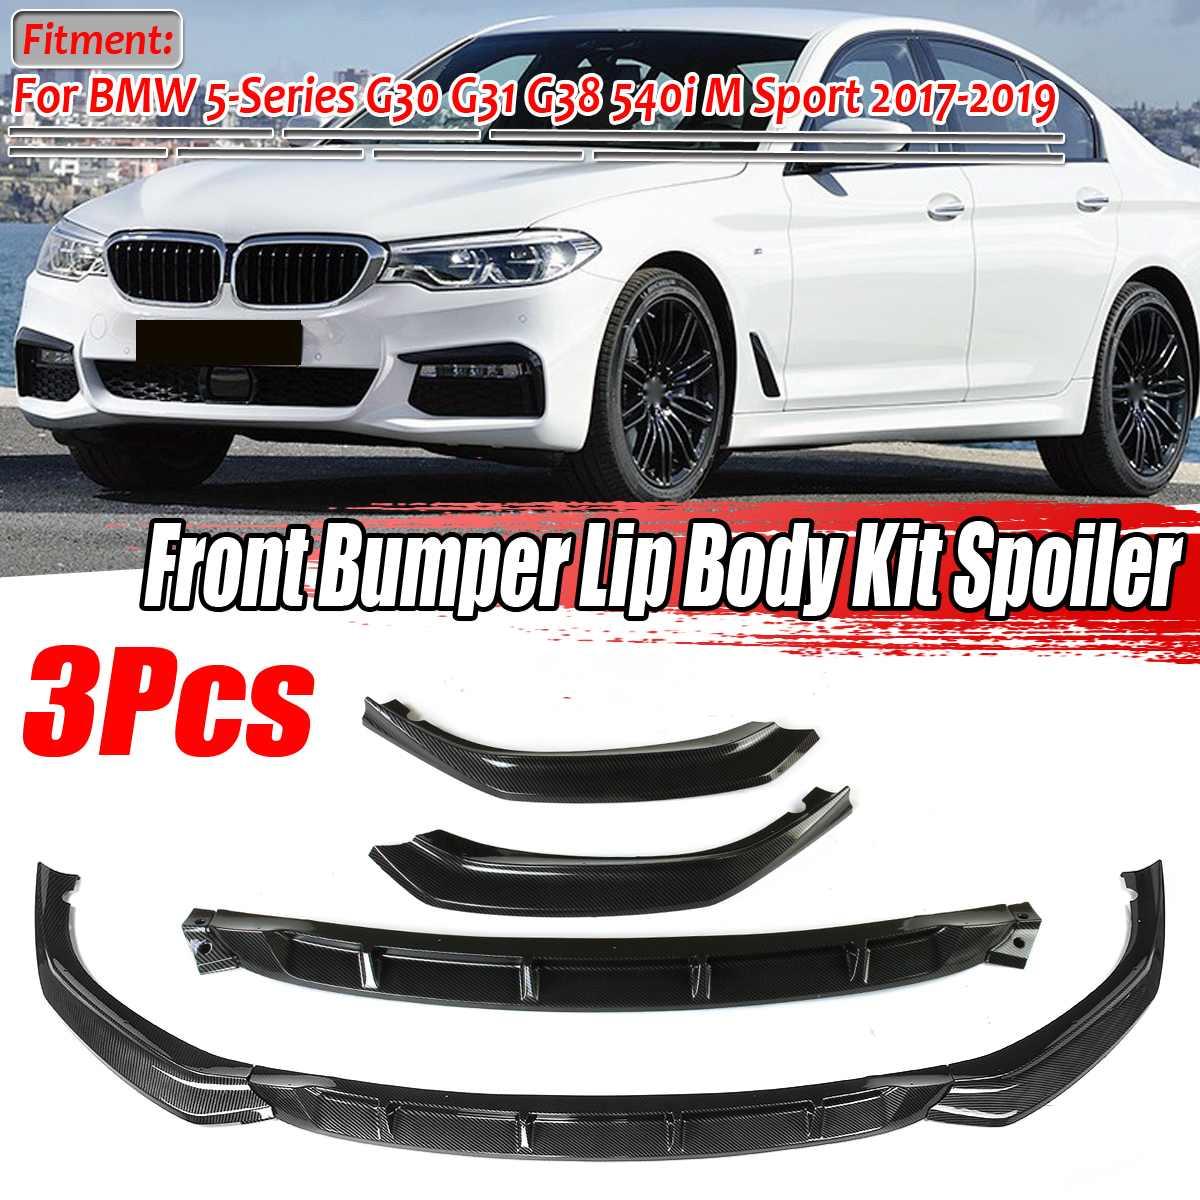 3 шт., автомобильный передний бампер, разделитель для губ, рассеиватель, комплект, спойлер, Защита бампера для BMW 5-Series G30 G31 G38 540i M Sport